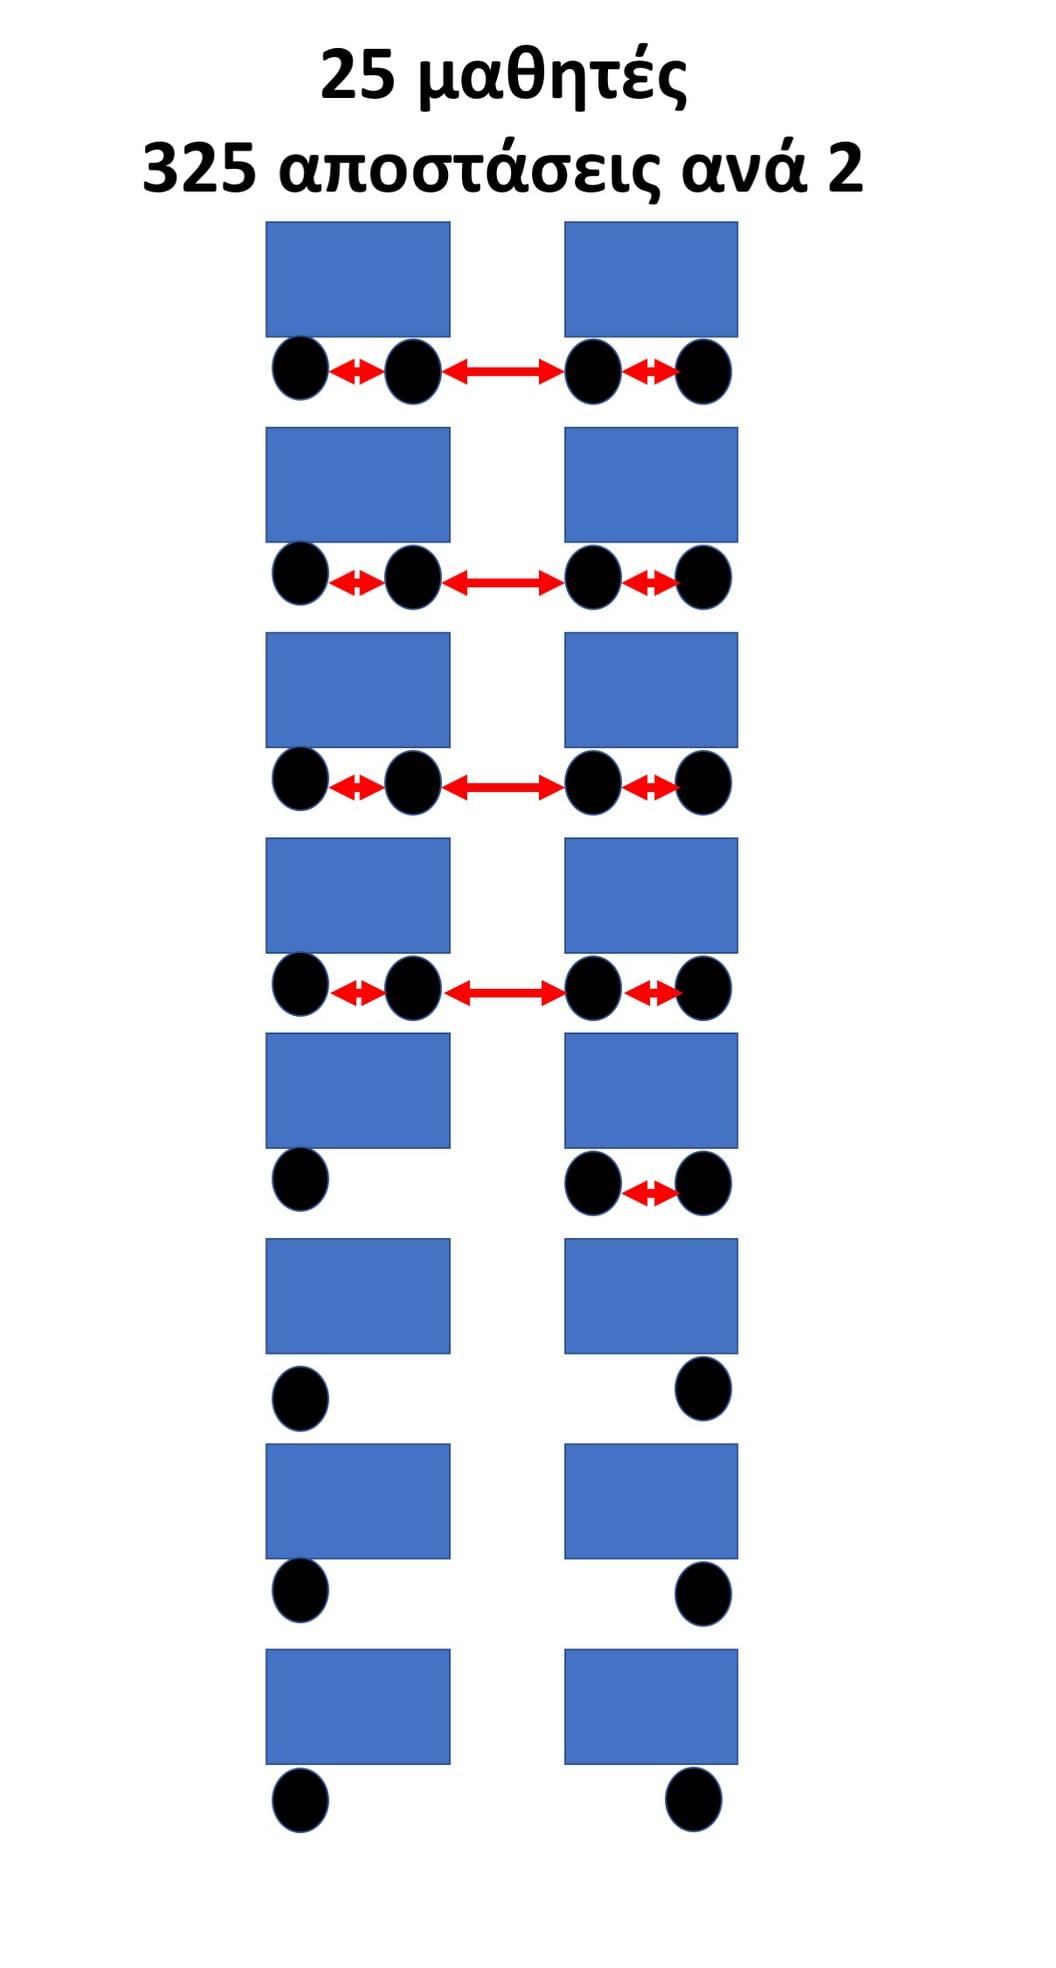 Μαγιορκίνης: Αυτό το σχεδιάγραμμα αποδεικνύει γιατί οι 20 μαθητές ανά τάξη δεν επηρεάζουν την μείωση μετάδοσης κορωνοϊού